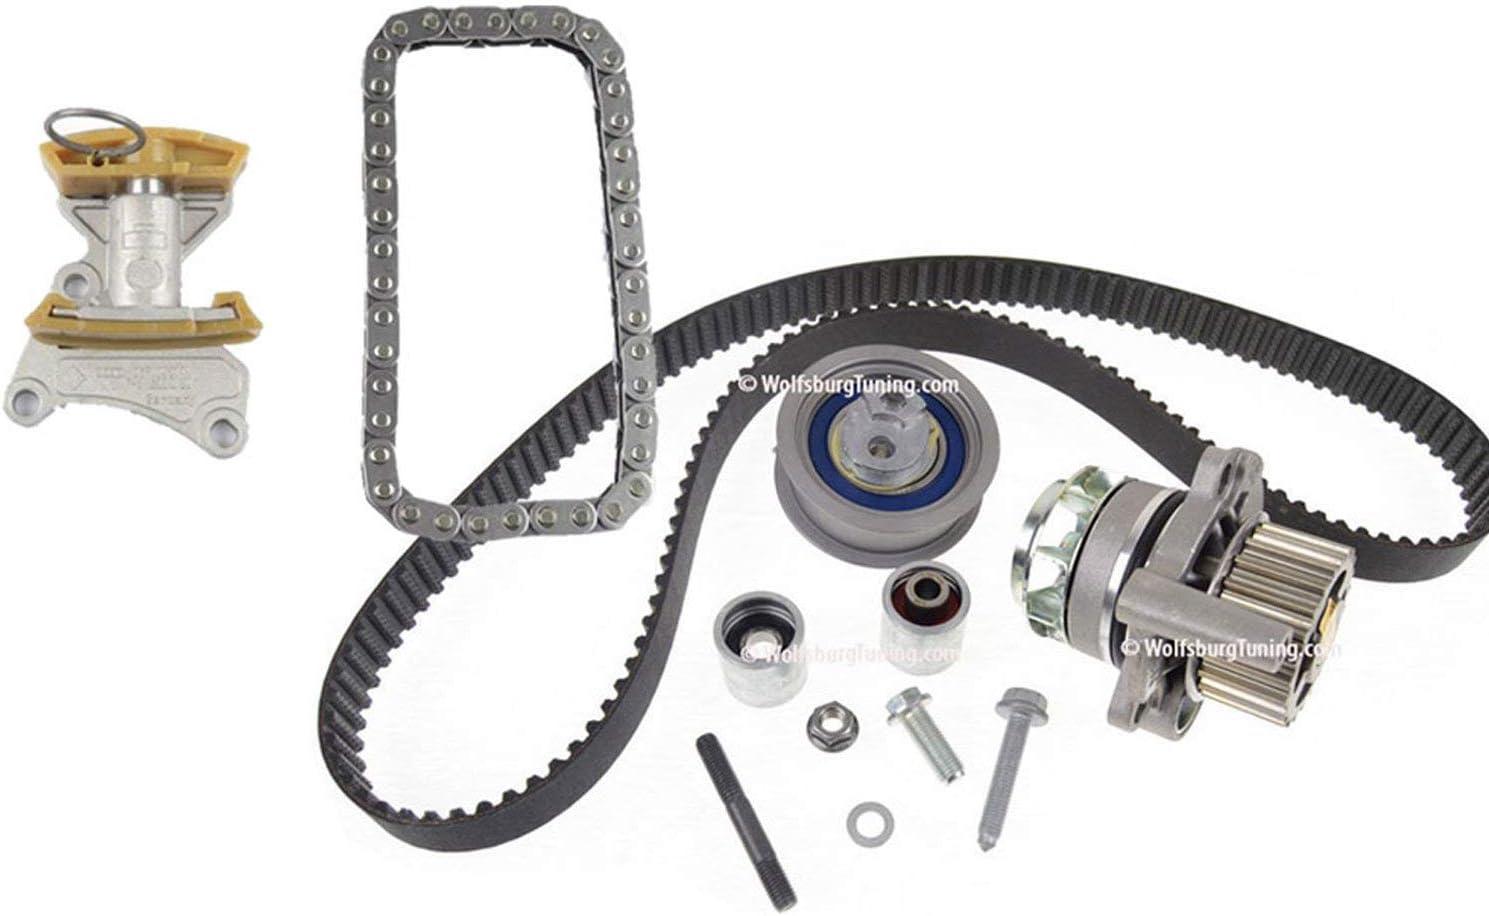 Audi A3 A4 TT Timing belt set Water pump Chain Tensioner 2.0 T 2.0T FSI 06-09